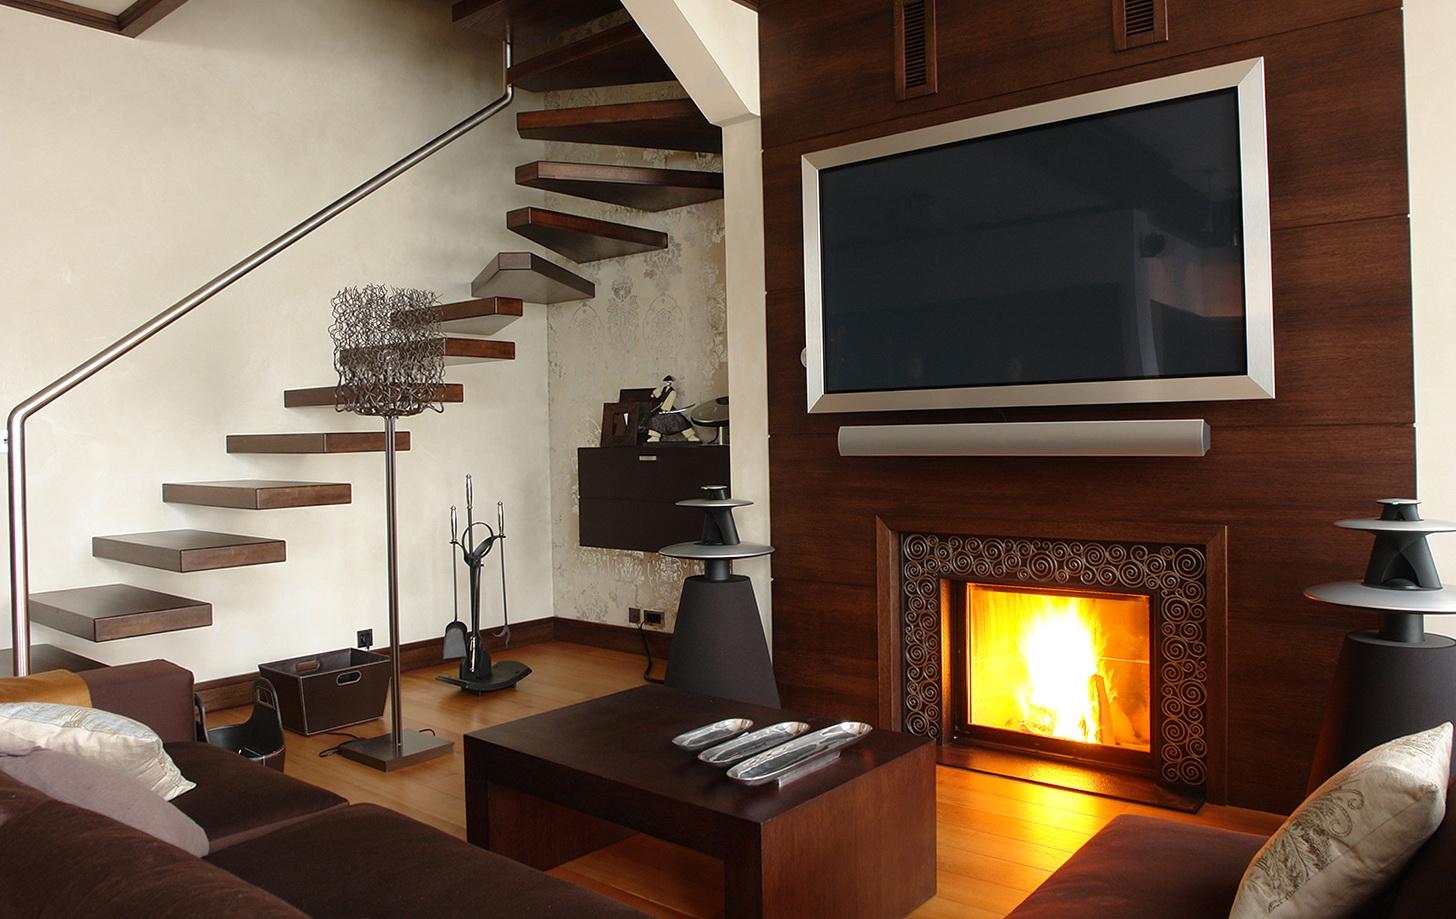 Flat Screen Tv Above Gas Fireplace Home Design Ideas